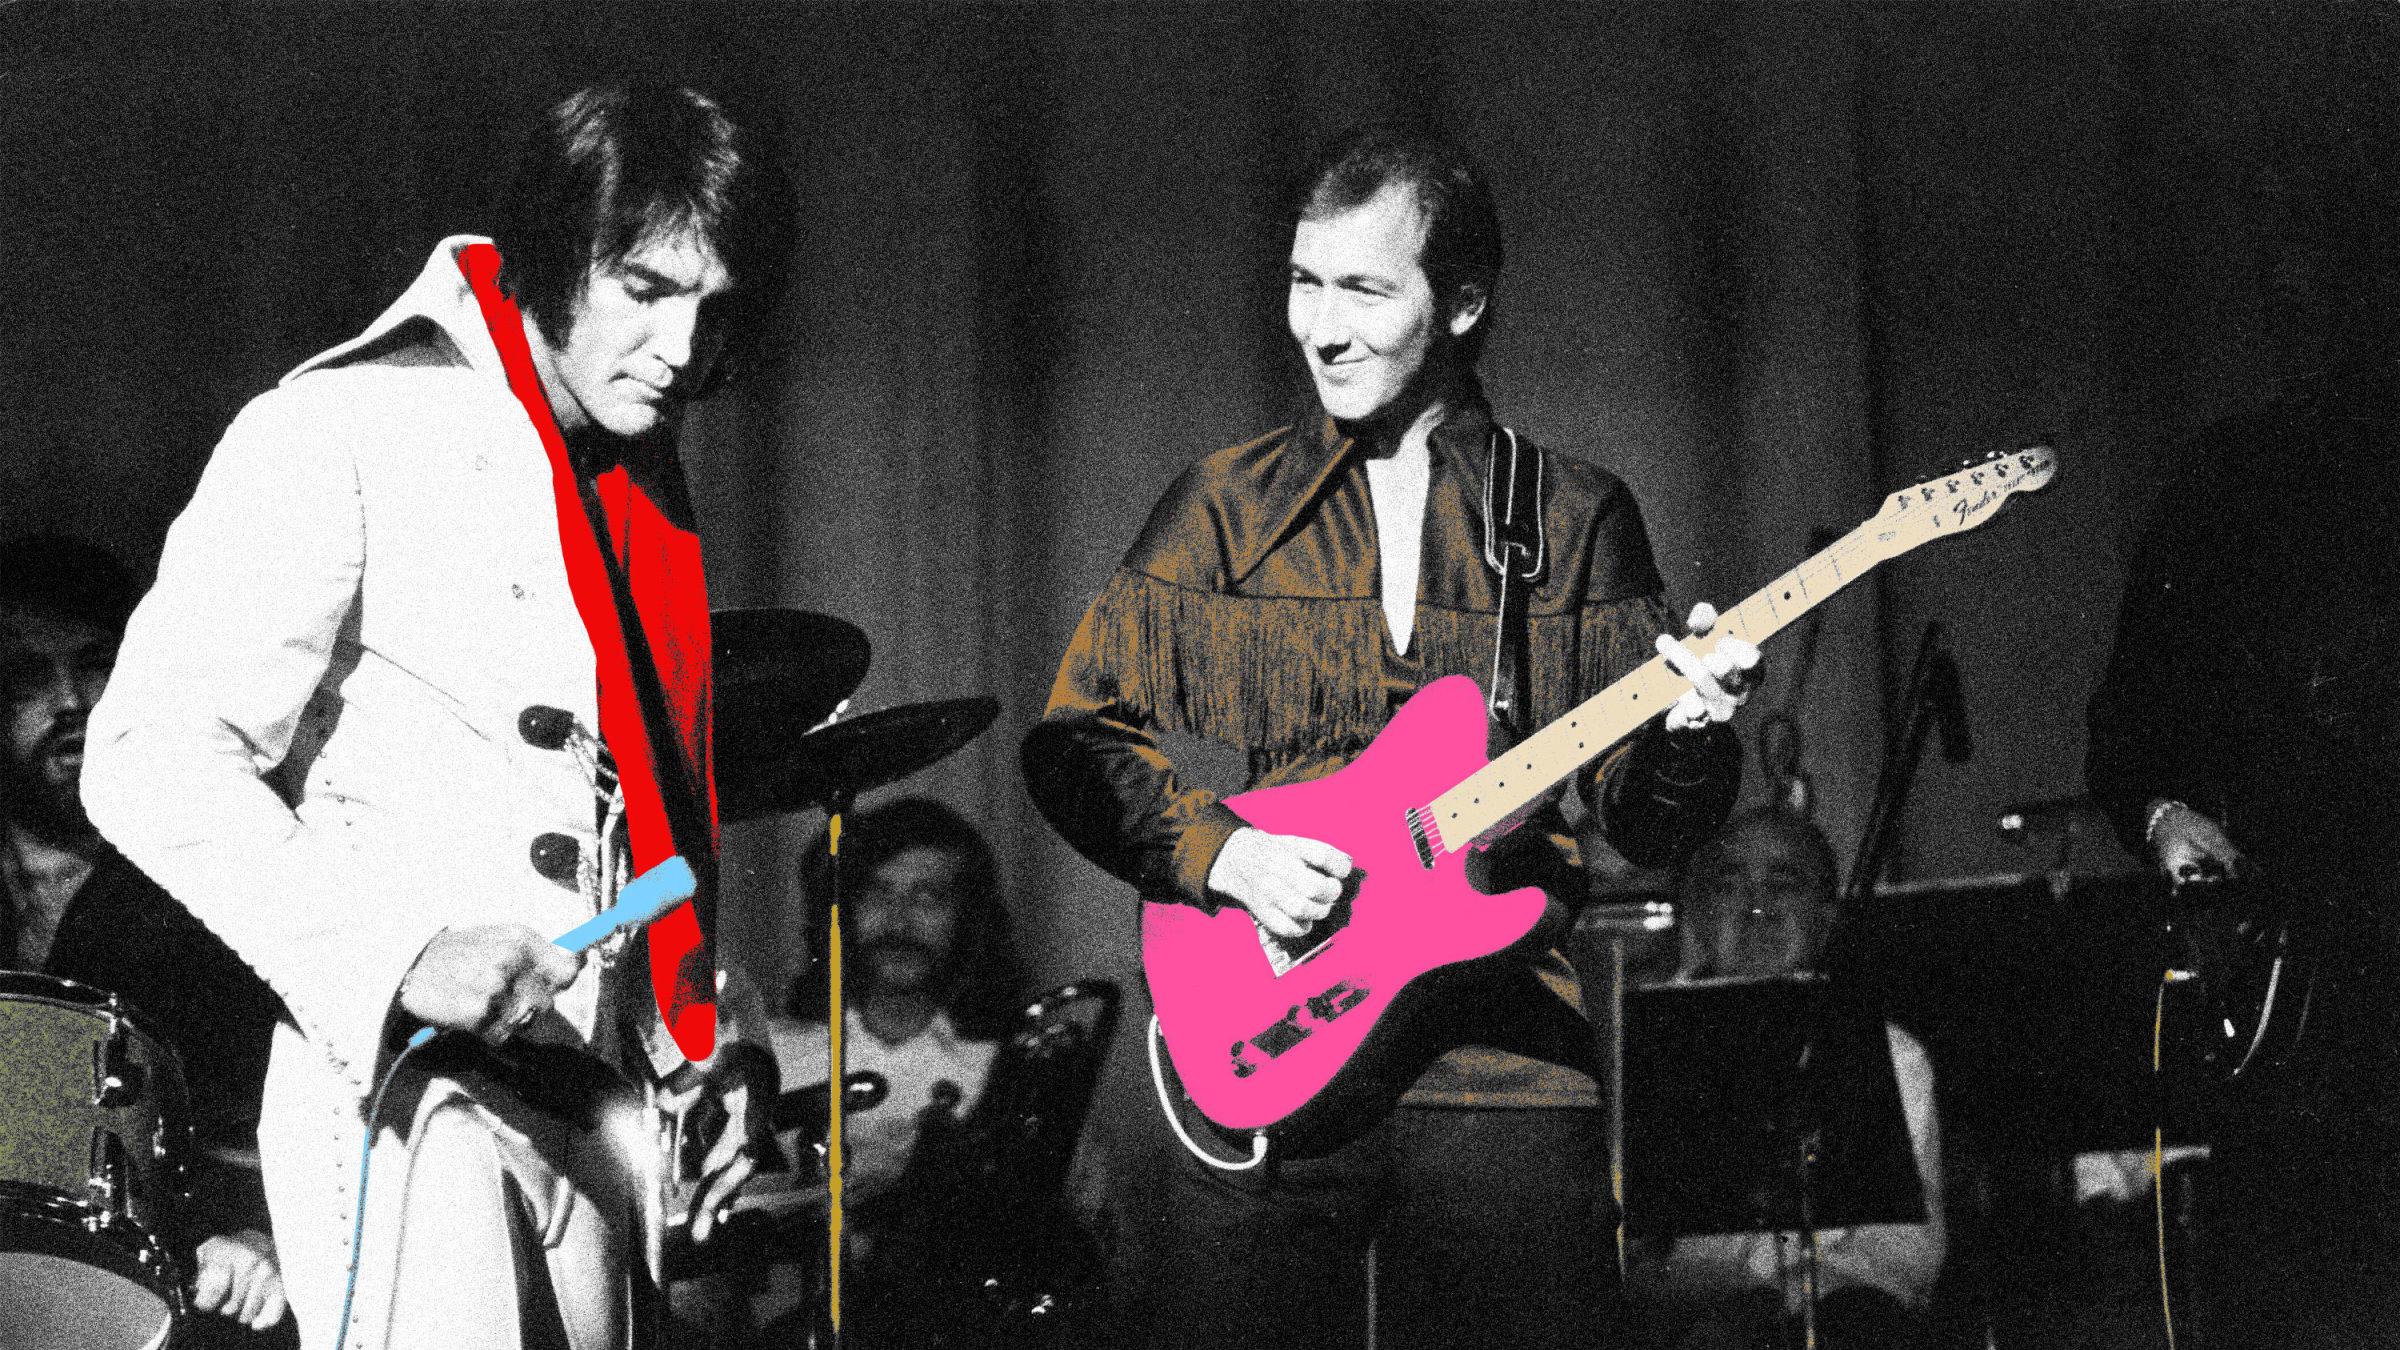 Elvis Presley's Bandleader Looks Back on His Wild Vegas Years: 'Elvis Was Really Nervous'